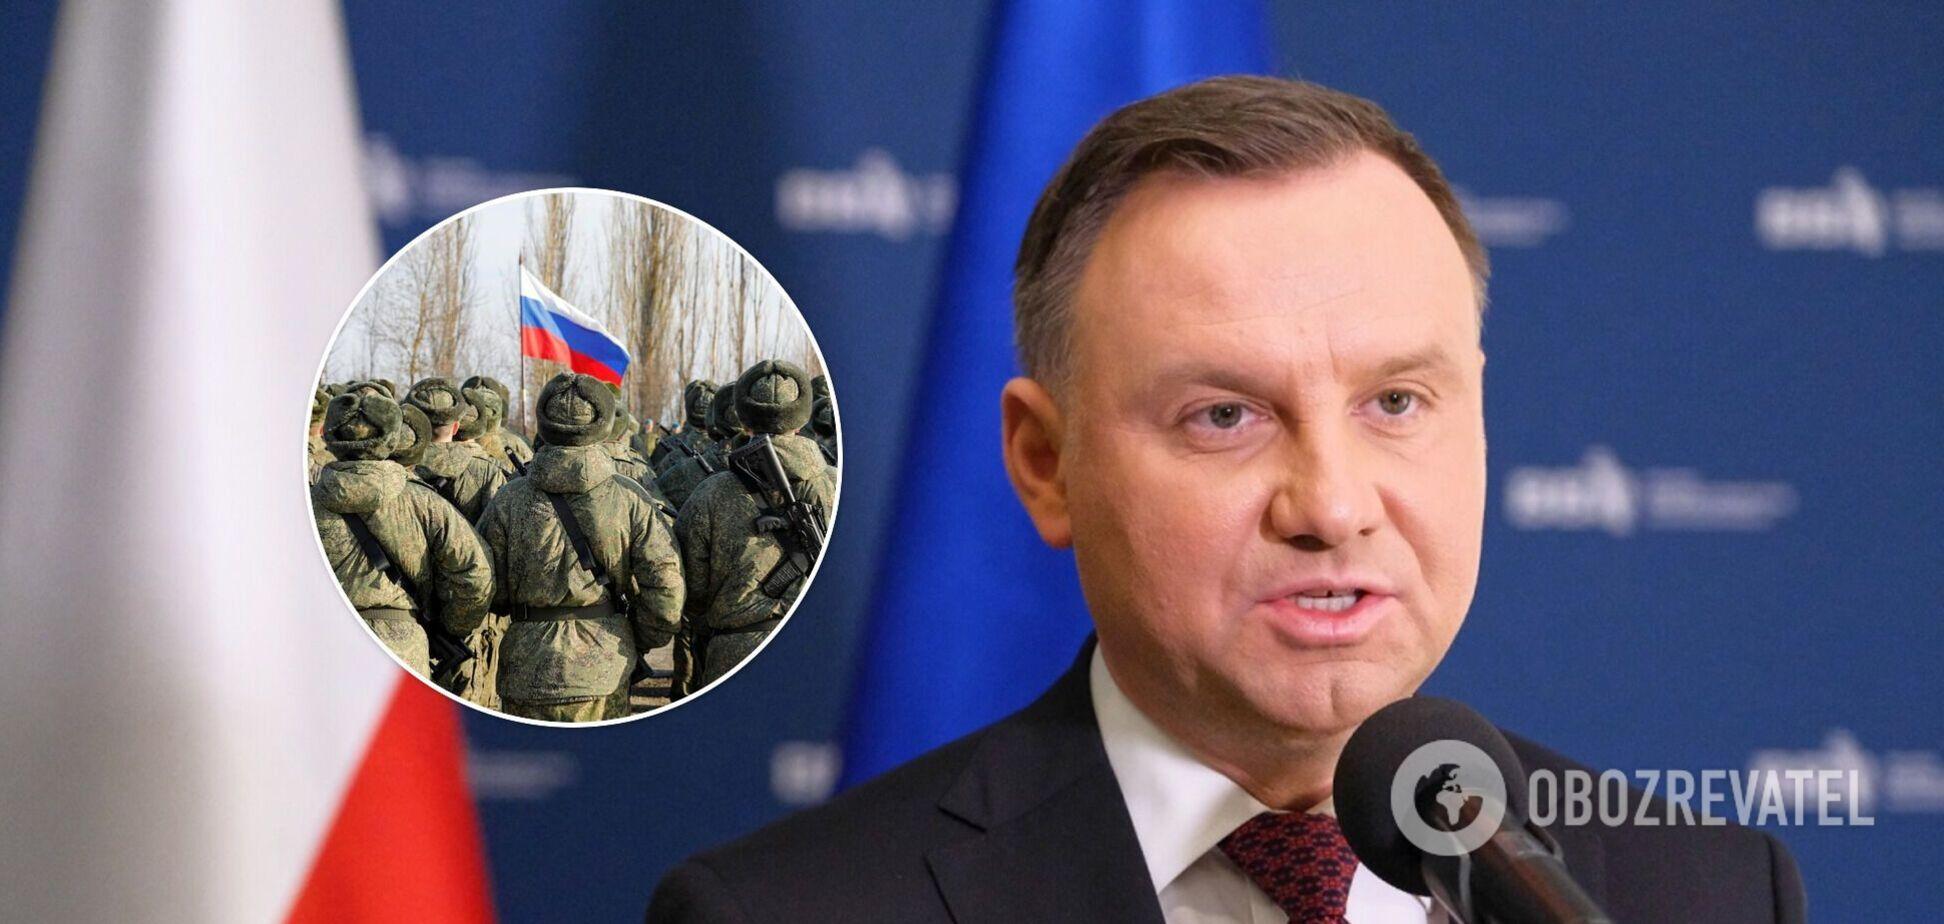 Дуда созвал руководство военных и спецслужб из-за войск РФ у границ Украины